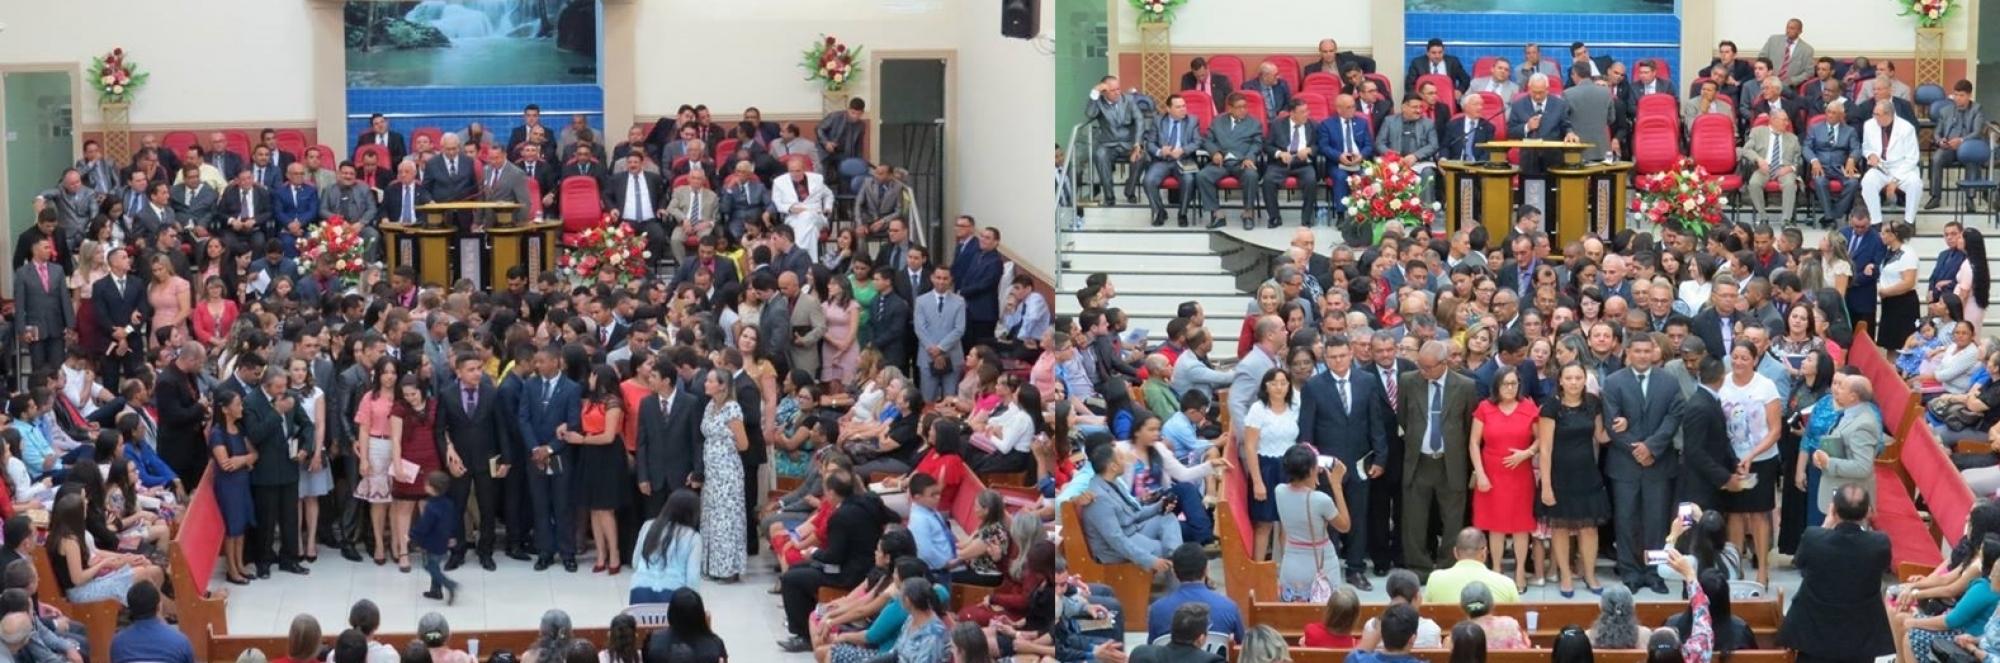 Festa da Consagração na IEDAI